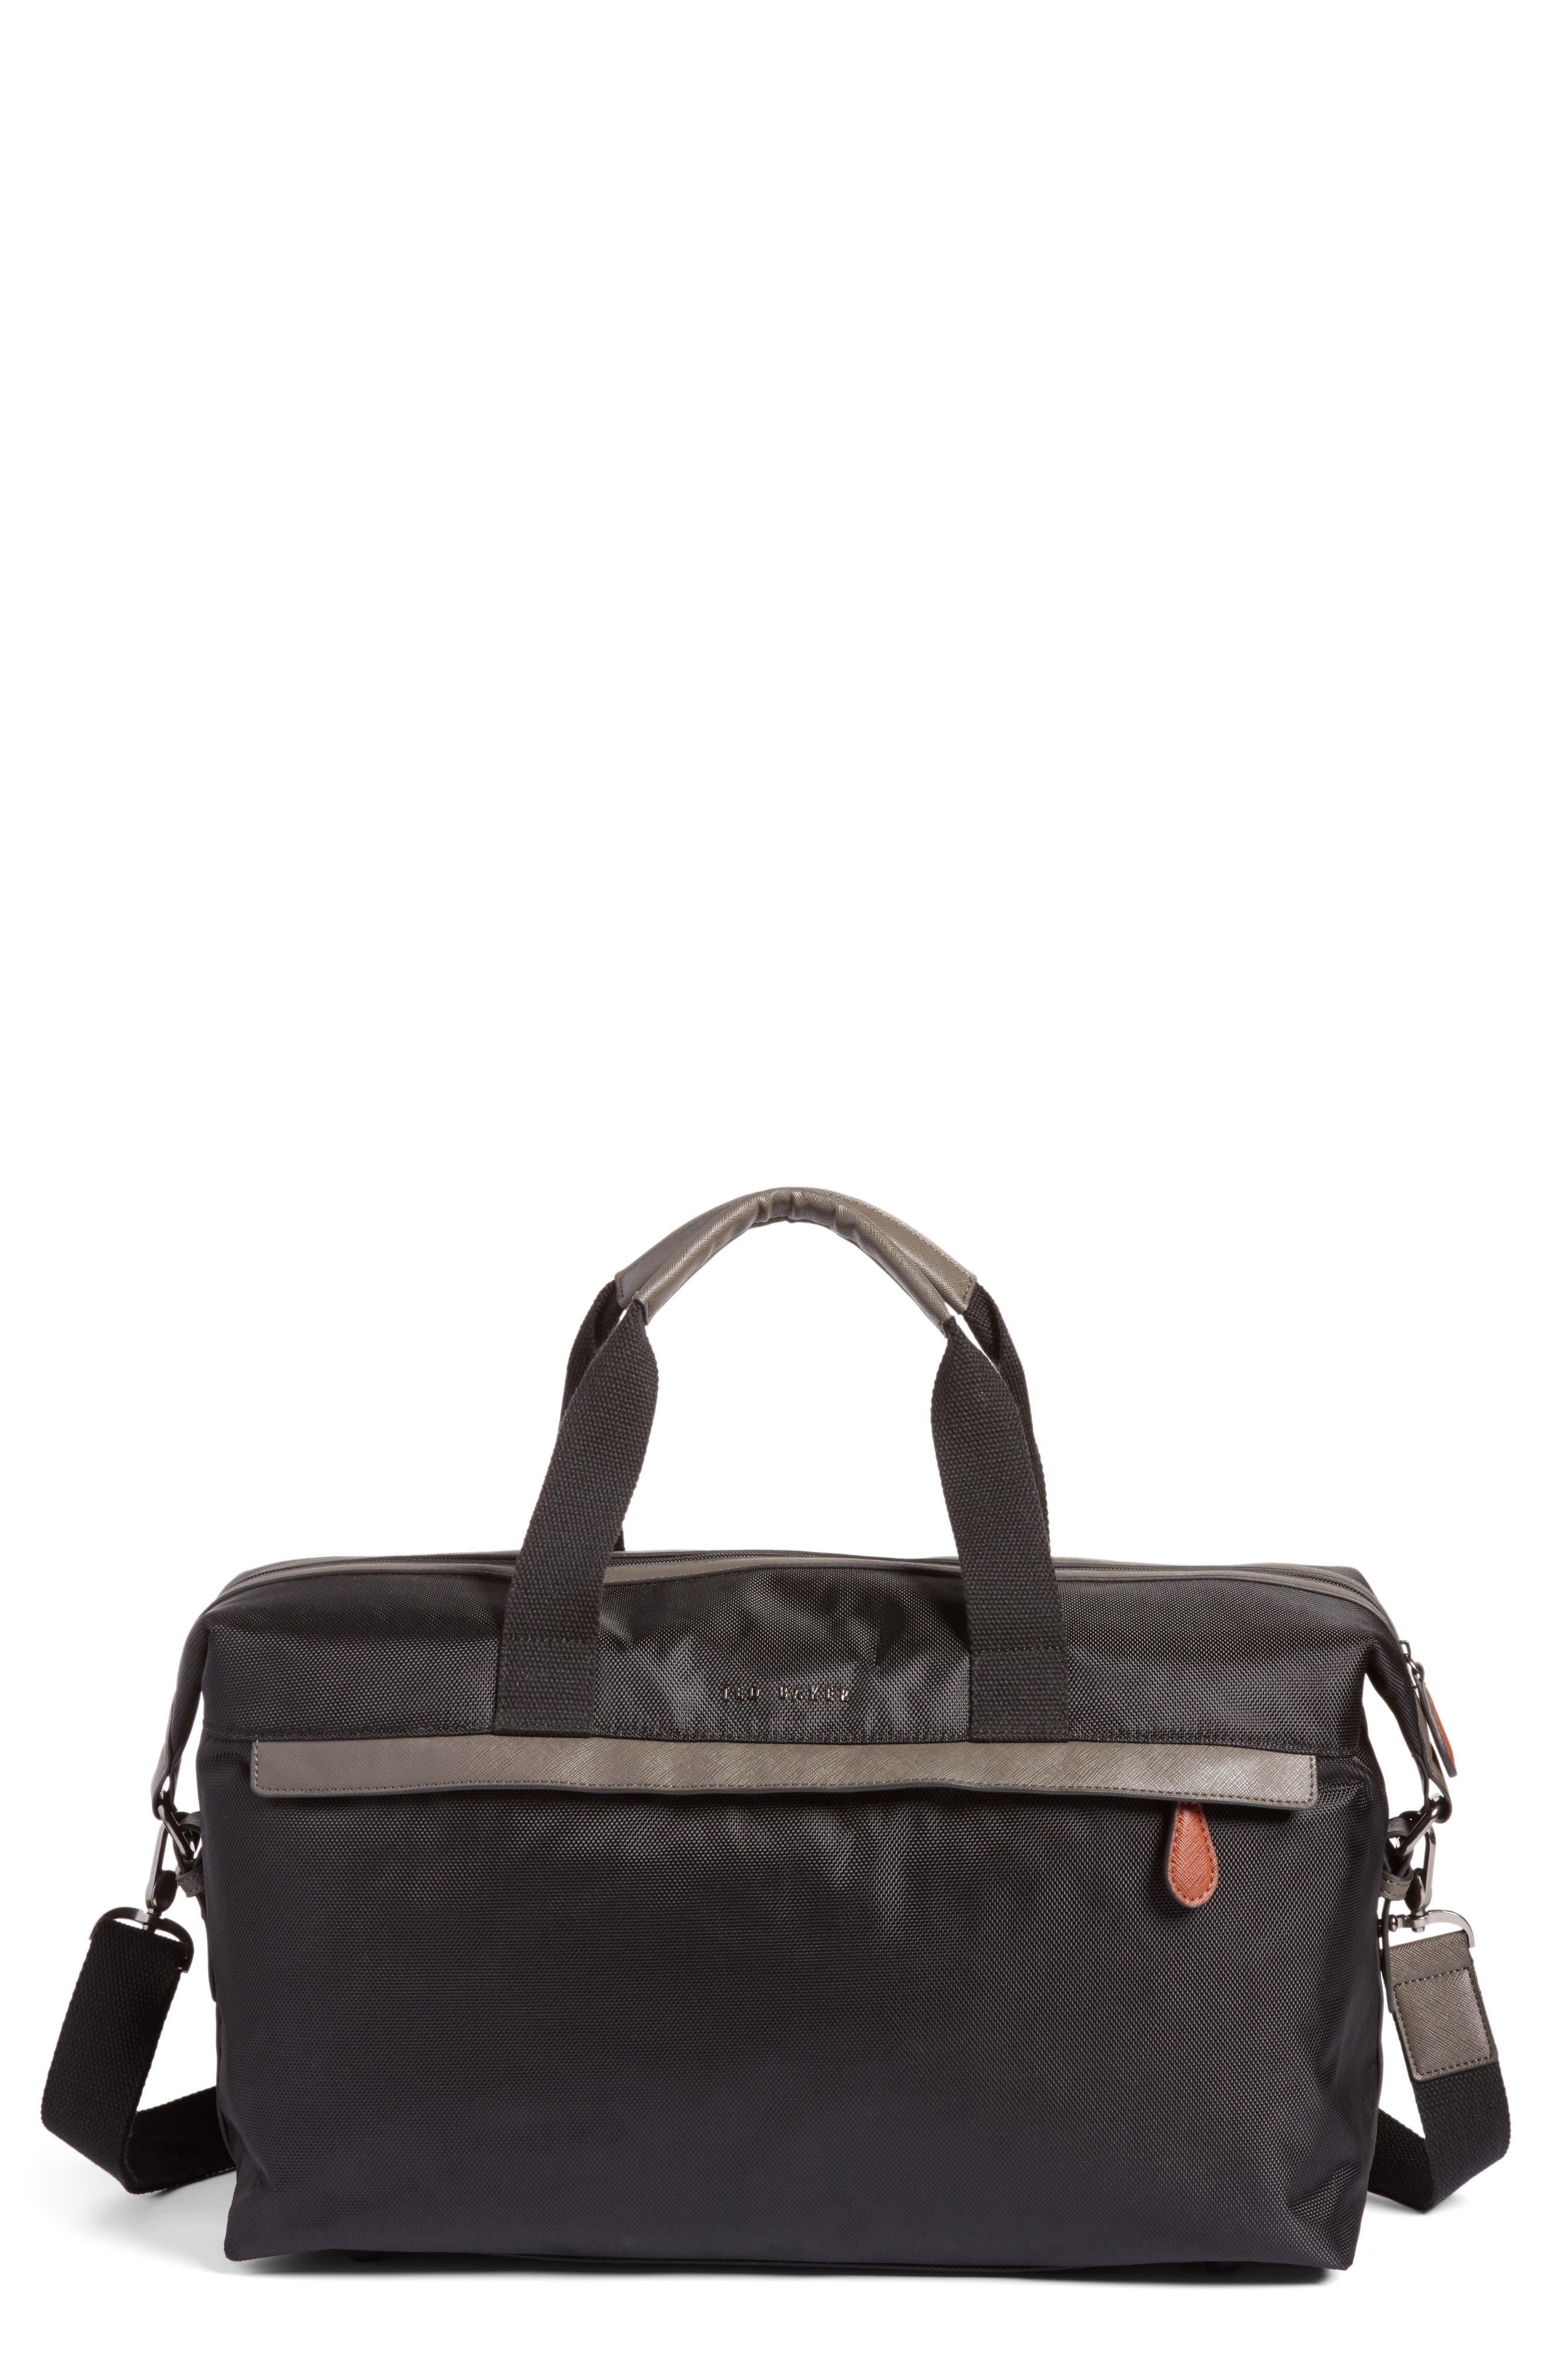 Alternate Image 1 Selected - Ted Baker London Zeebee Duffel Bag